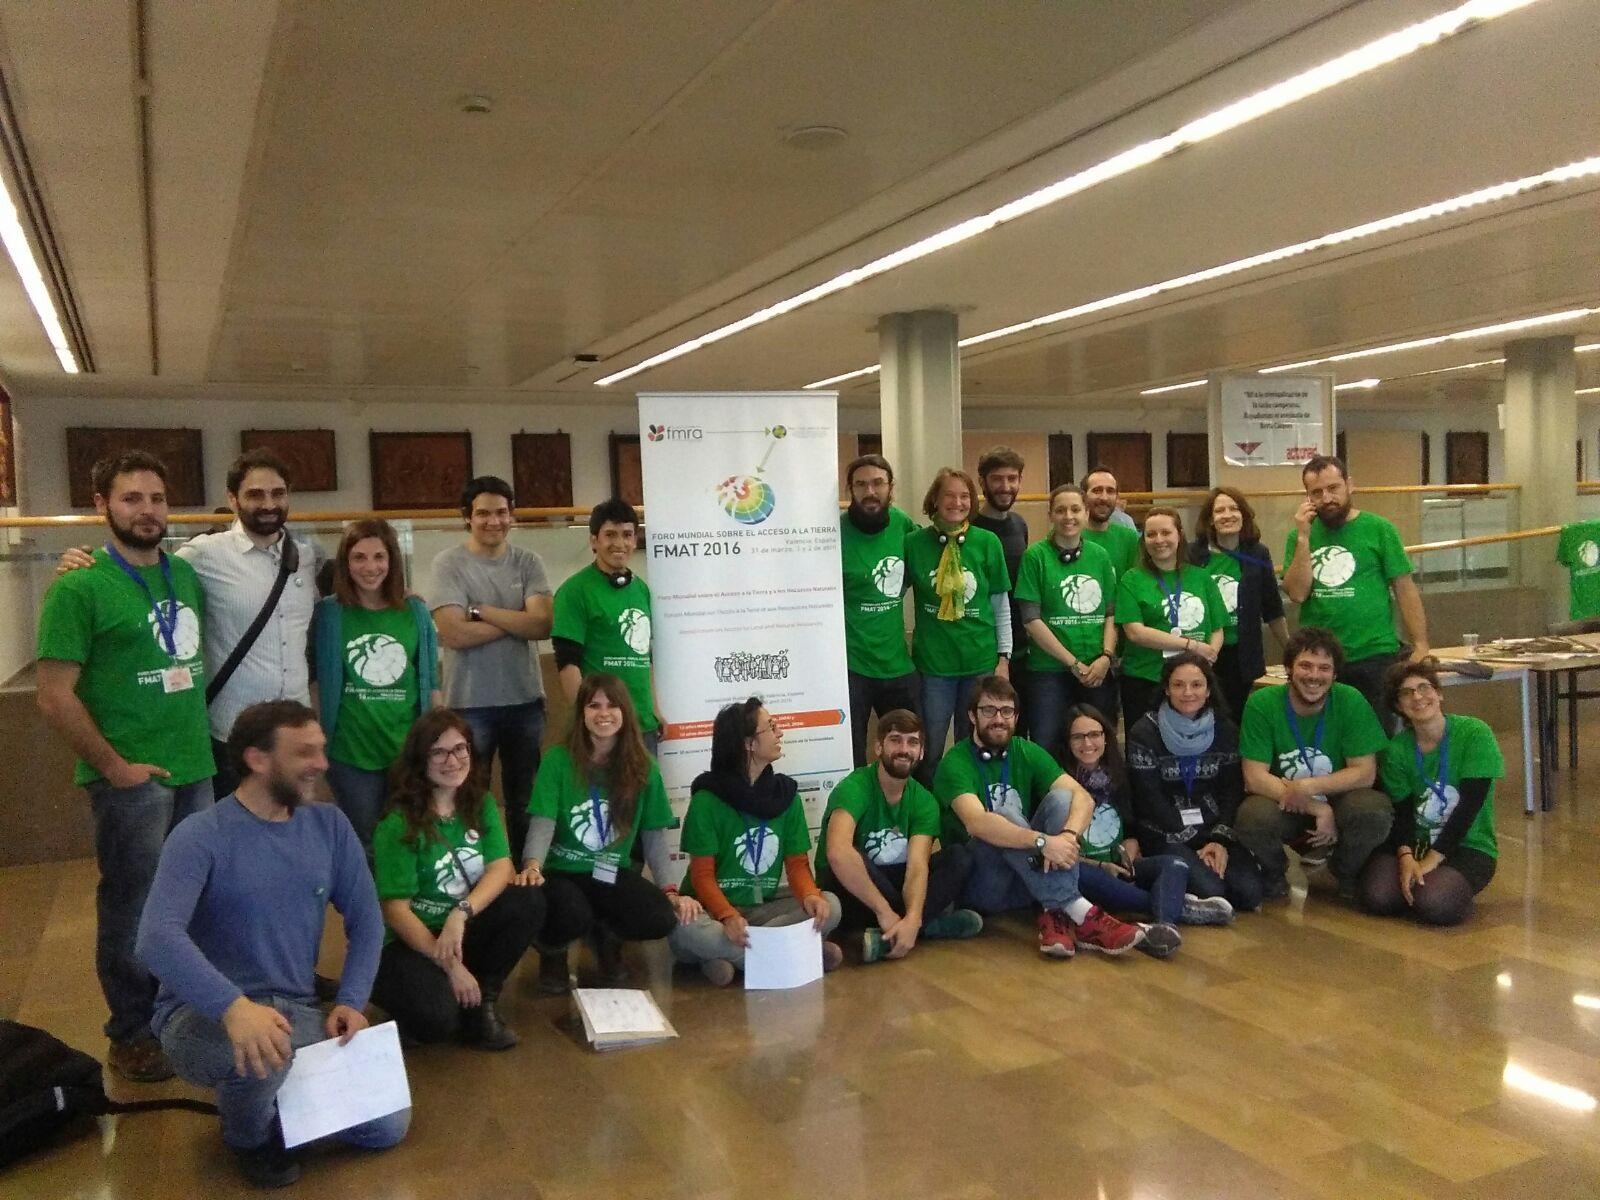 Gran equipo de voluntarios y voluntarias han hecho posible el FMAT 2016